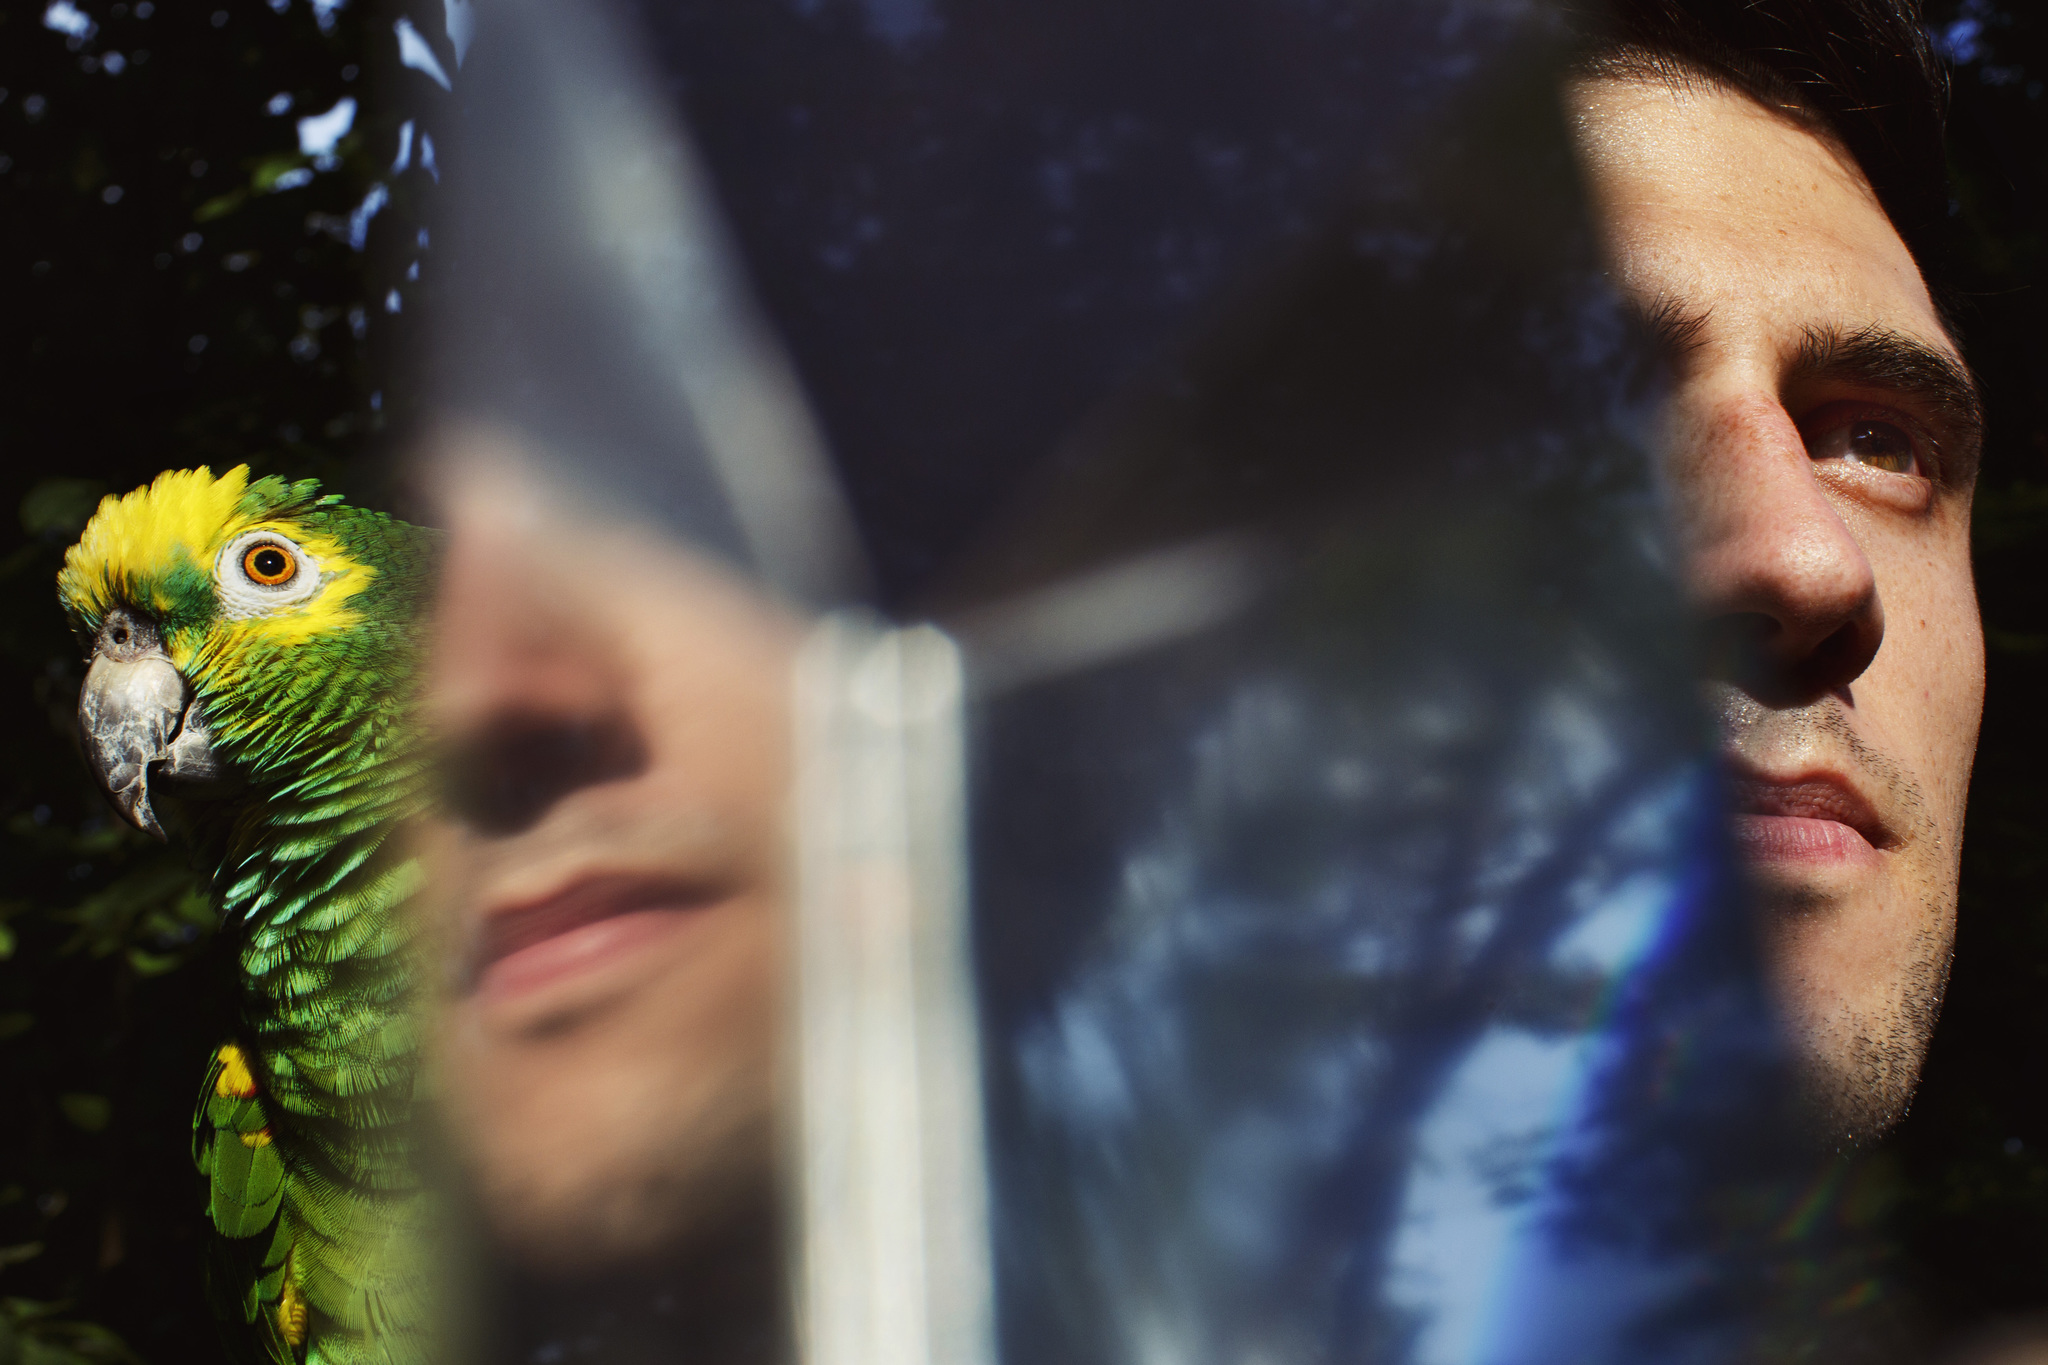 Un hombre y un loro miran al unísono y hacia el mismo lugar